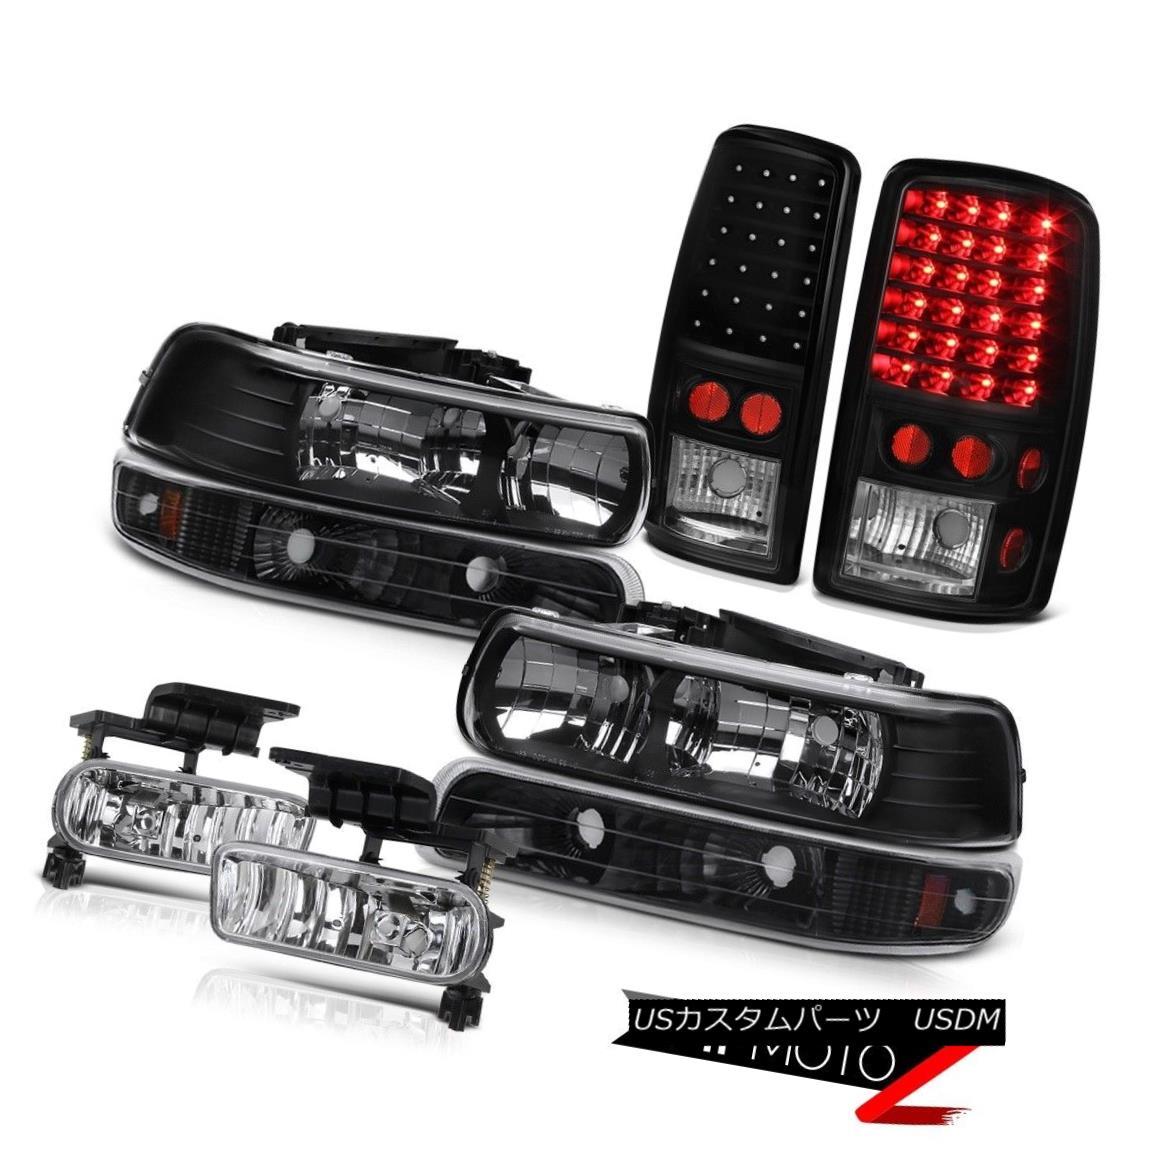 テールライト Headlights Turn Signal LED Taillights Chrome Fog 00 01 02 03 04 05 06 Tahoe LT ヘッドライトターンシグナルLEDテールライトChrome Fog 00 01 02 03 04 05 06 Tahoe LT